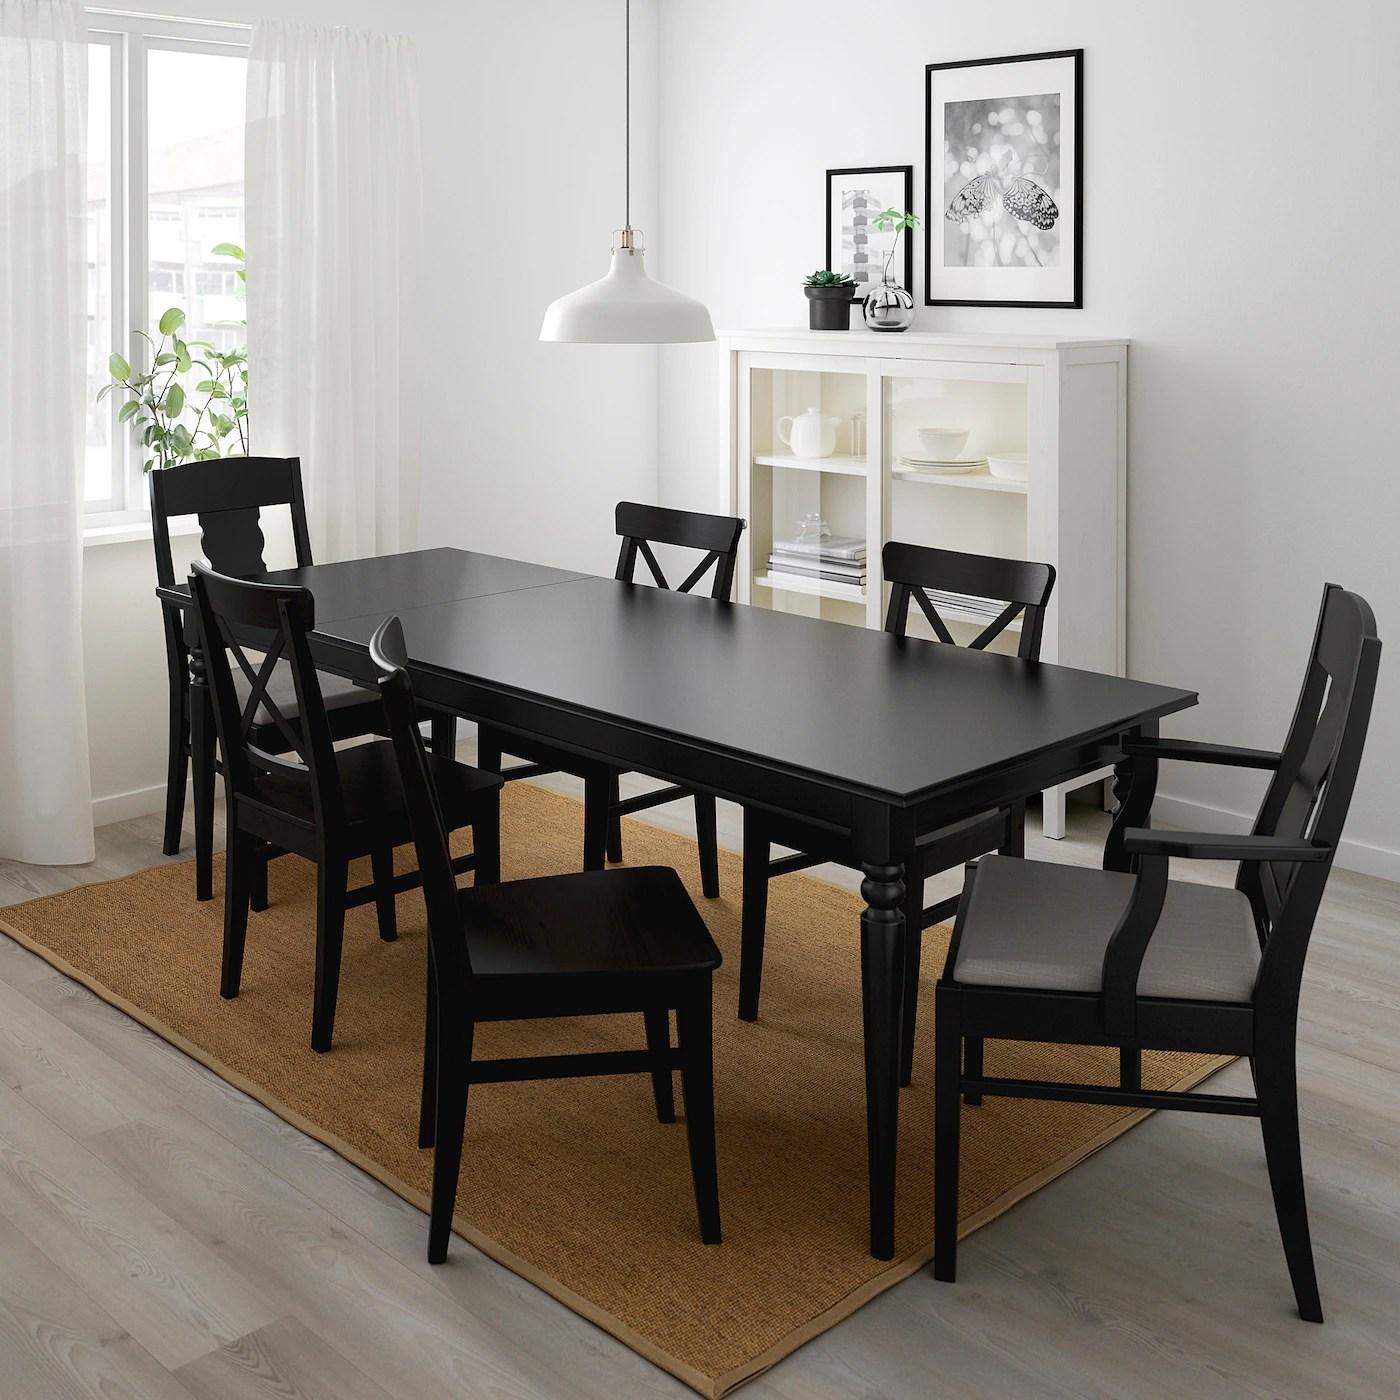 ingatorp ingolf table et 6 chaises noir nolhaga gris beige 61 84 5 8 155 215 cm